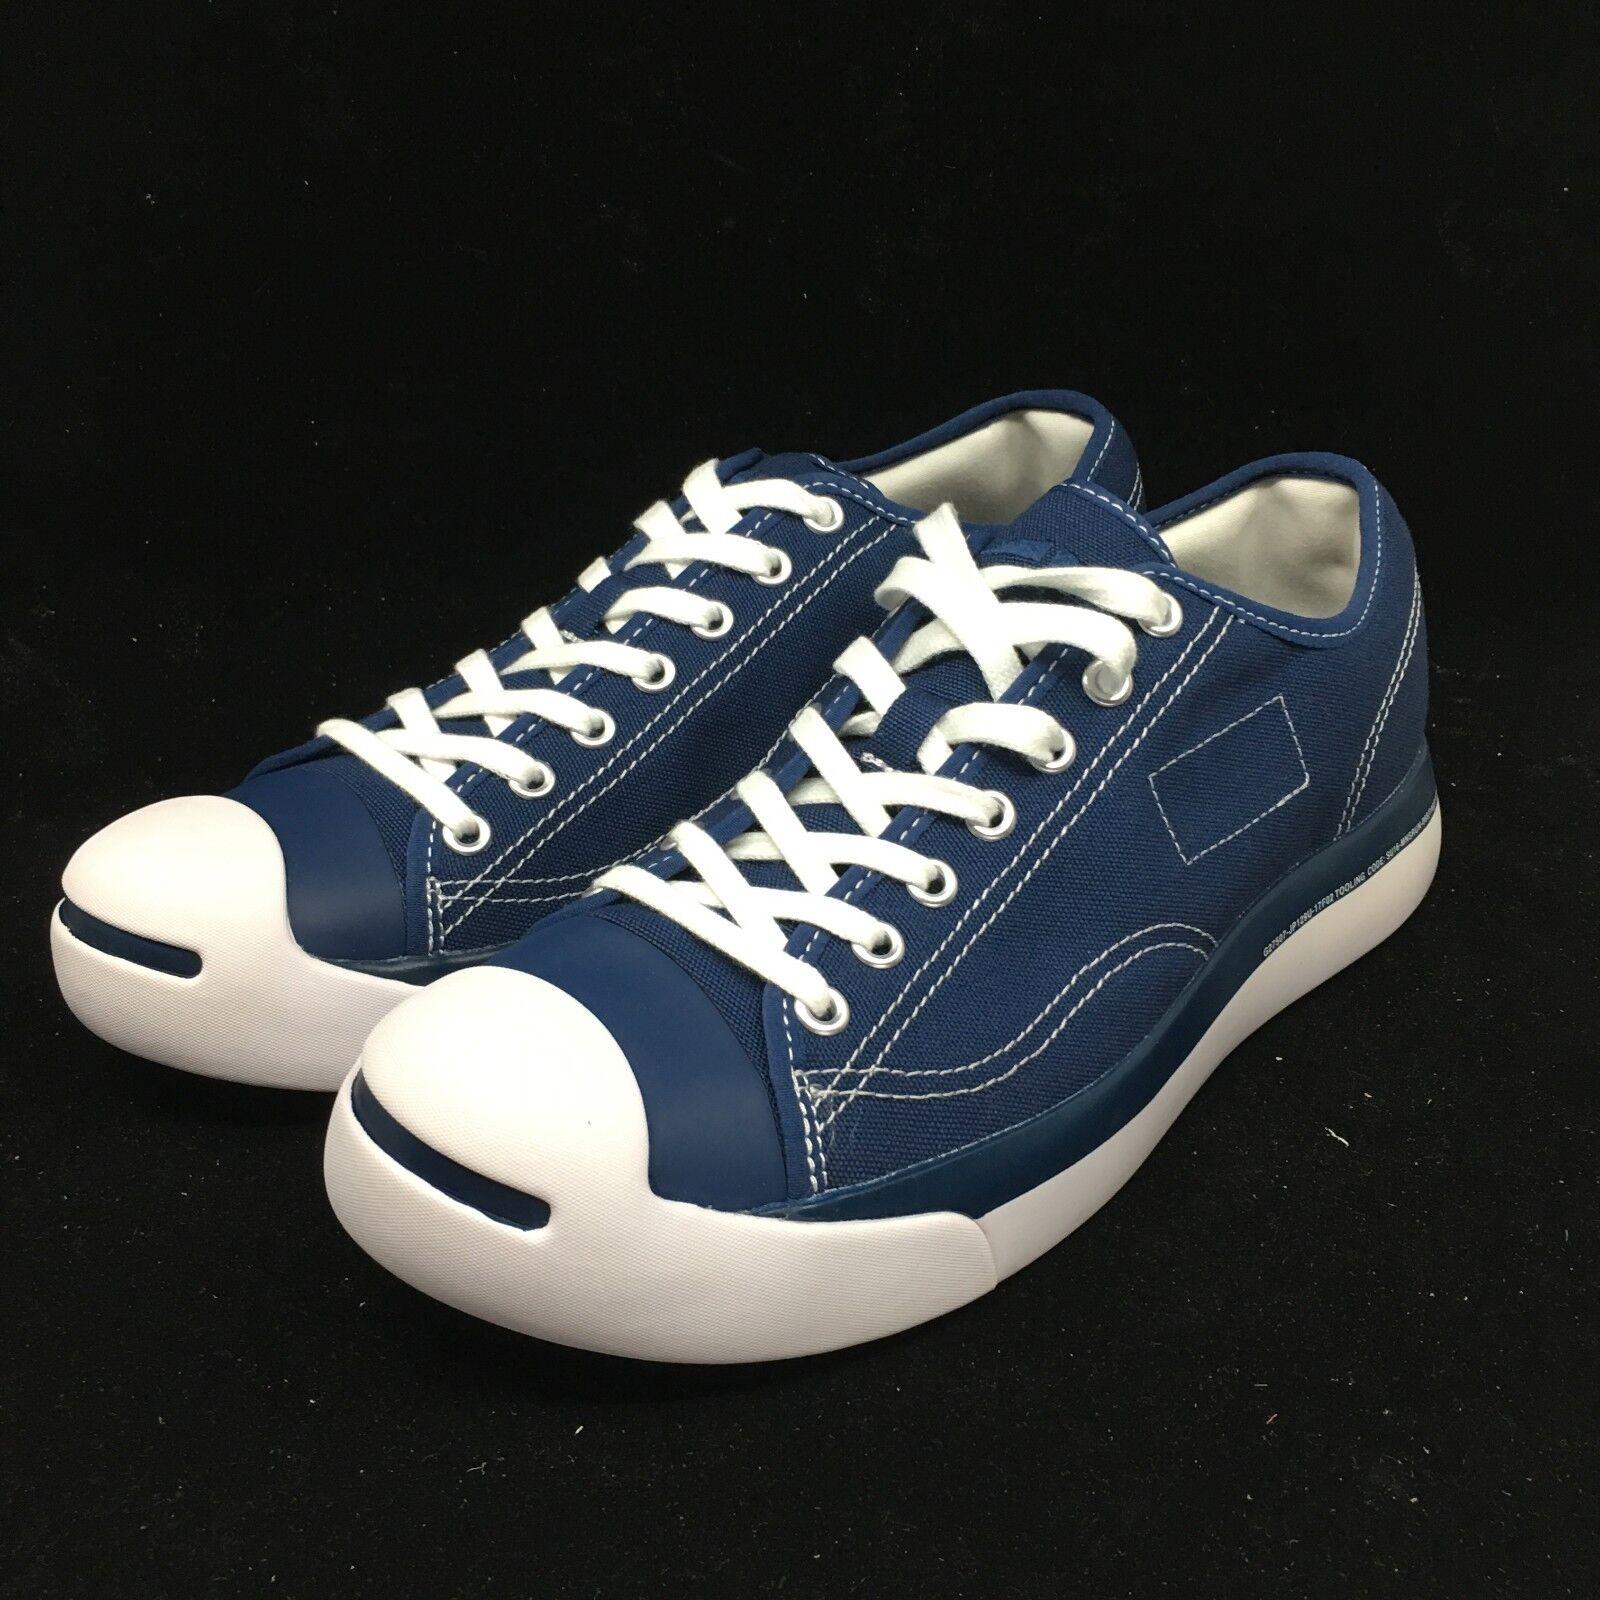 Converse Jack Purcell moderno 160157 Buey Azul Marino Blanco 160157 moderno CEnvío rápido cf8004